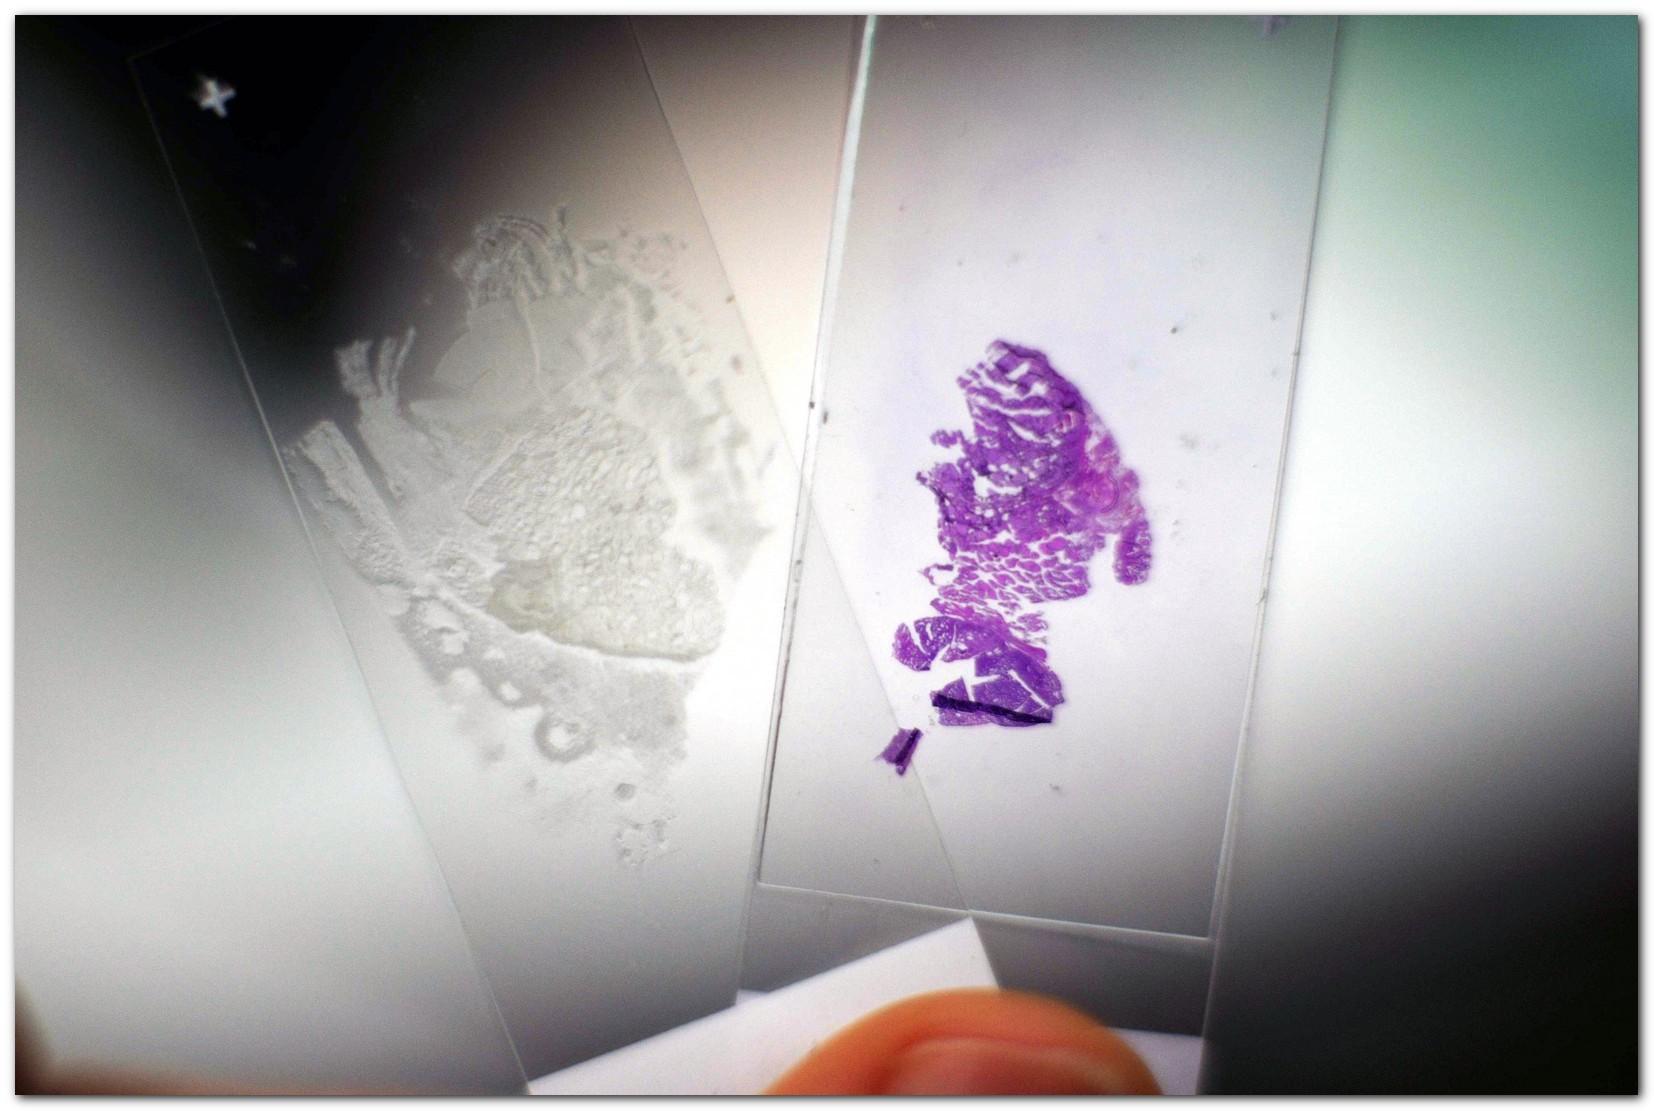 «Диагностировать рак поможет лазер», или Как устроен лазерный флуоресцентный гиперспектральный микроскоп - 18